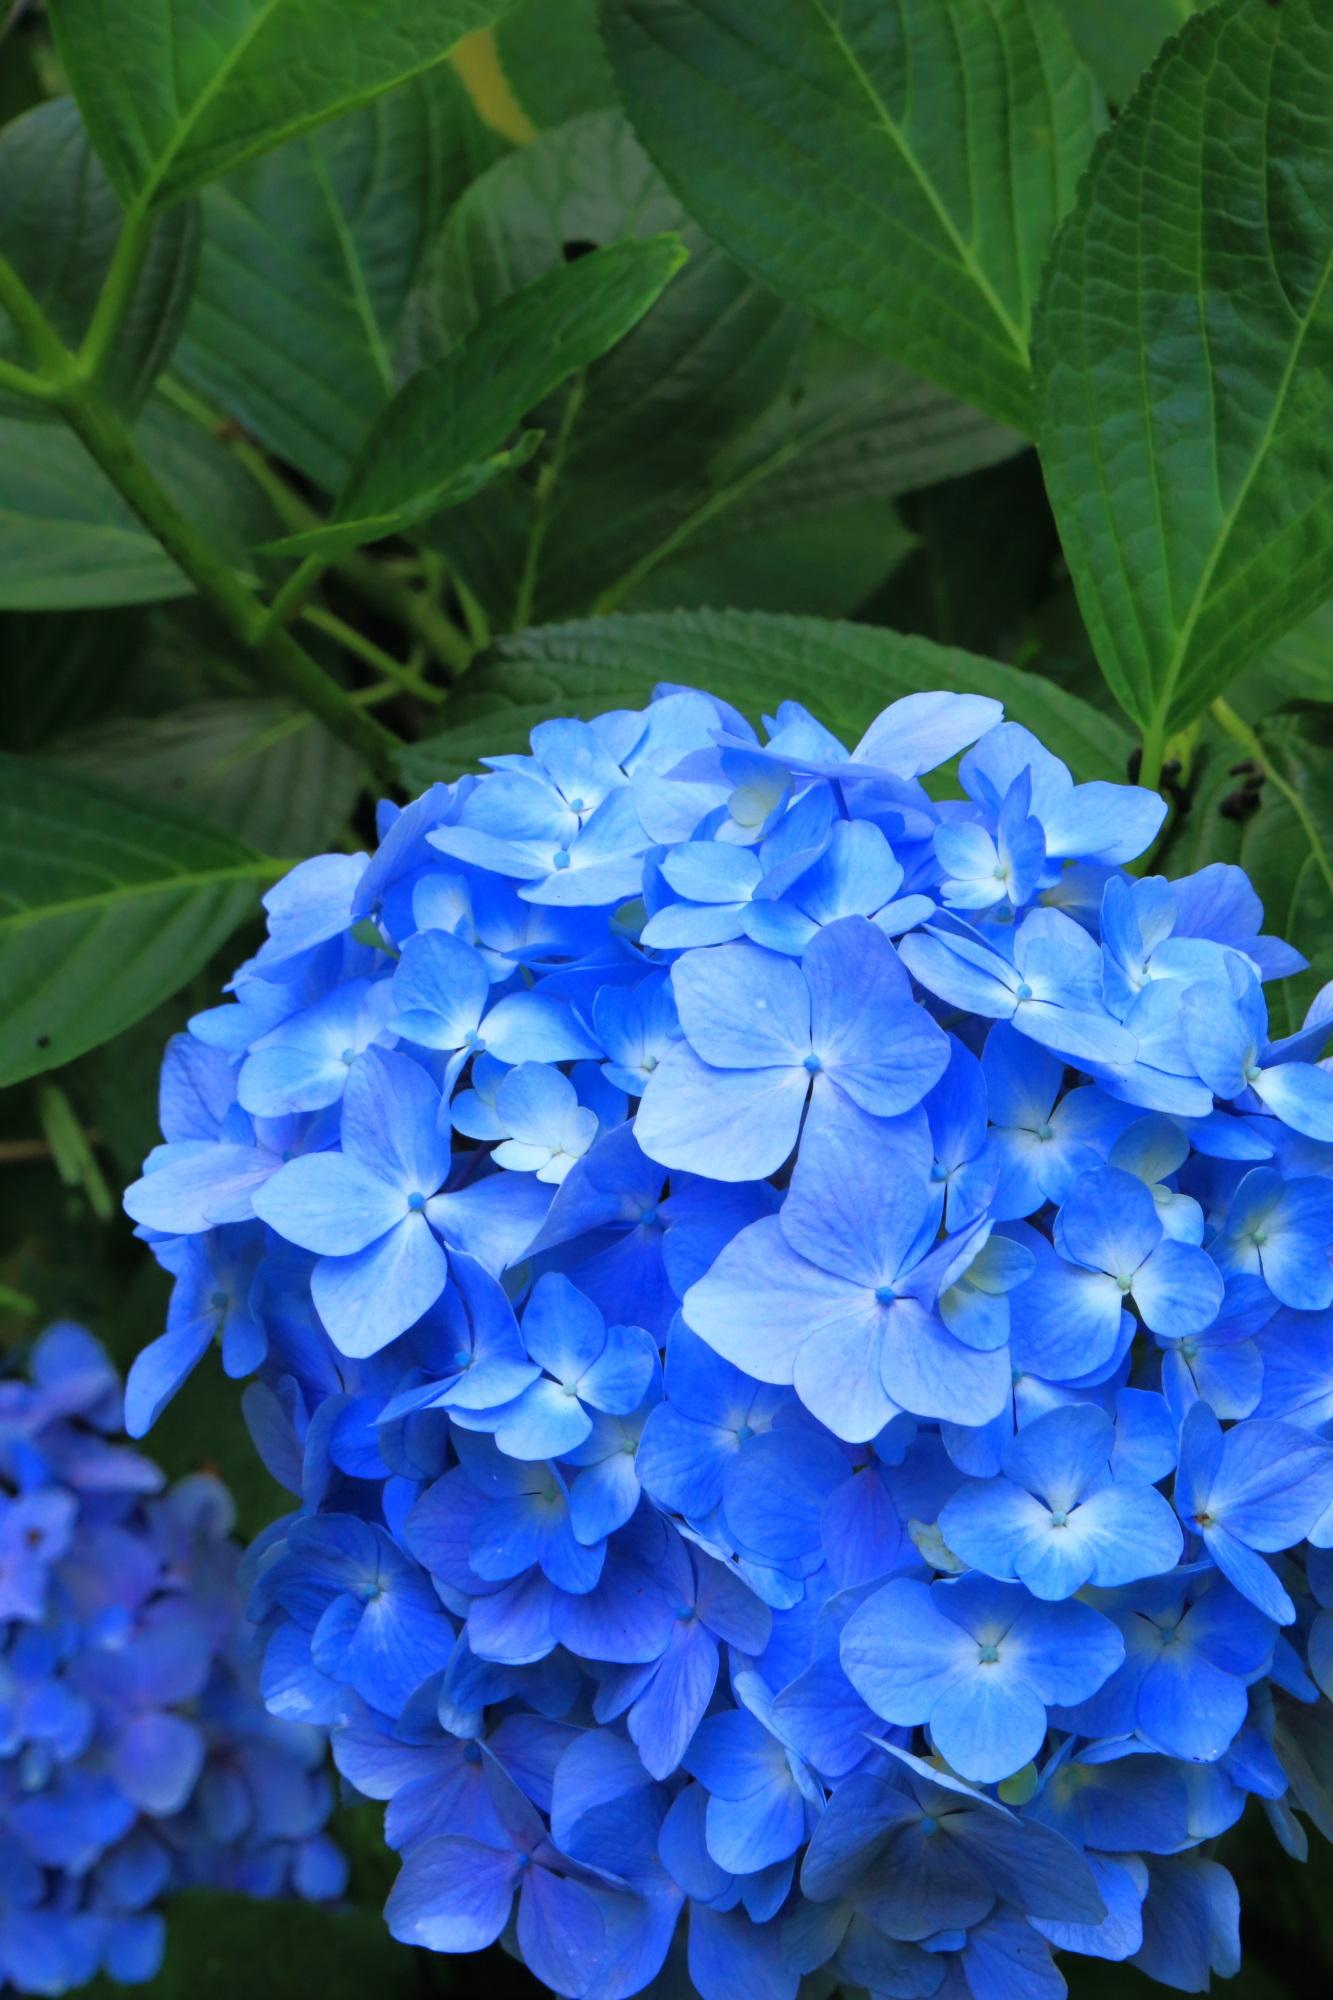 岩船寺の爽快なブルーの美しい紫陽花